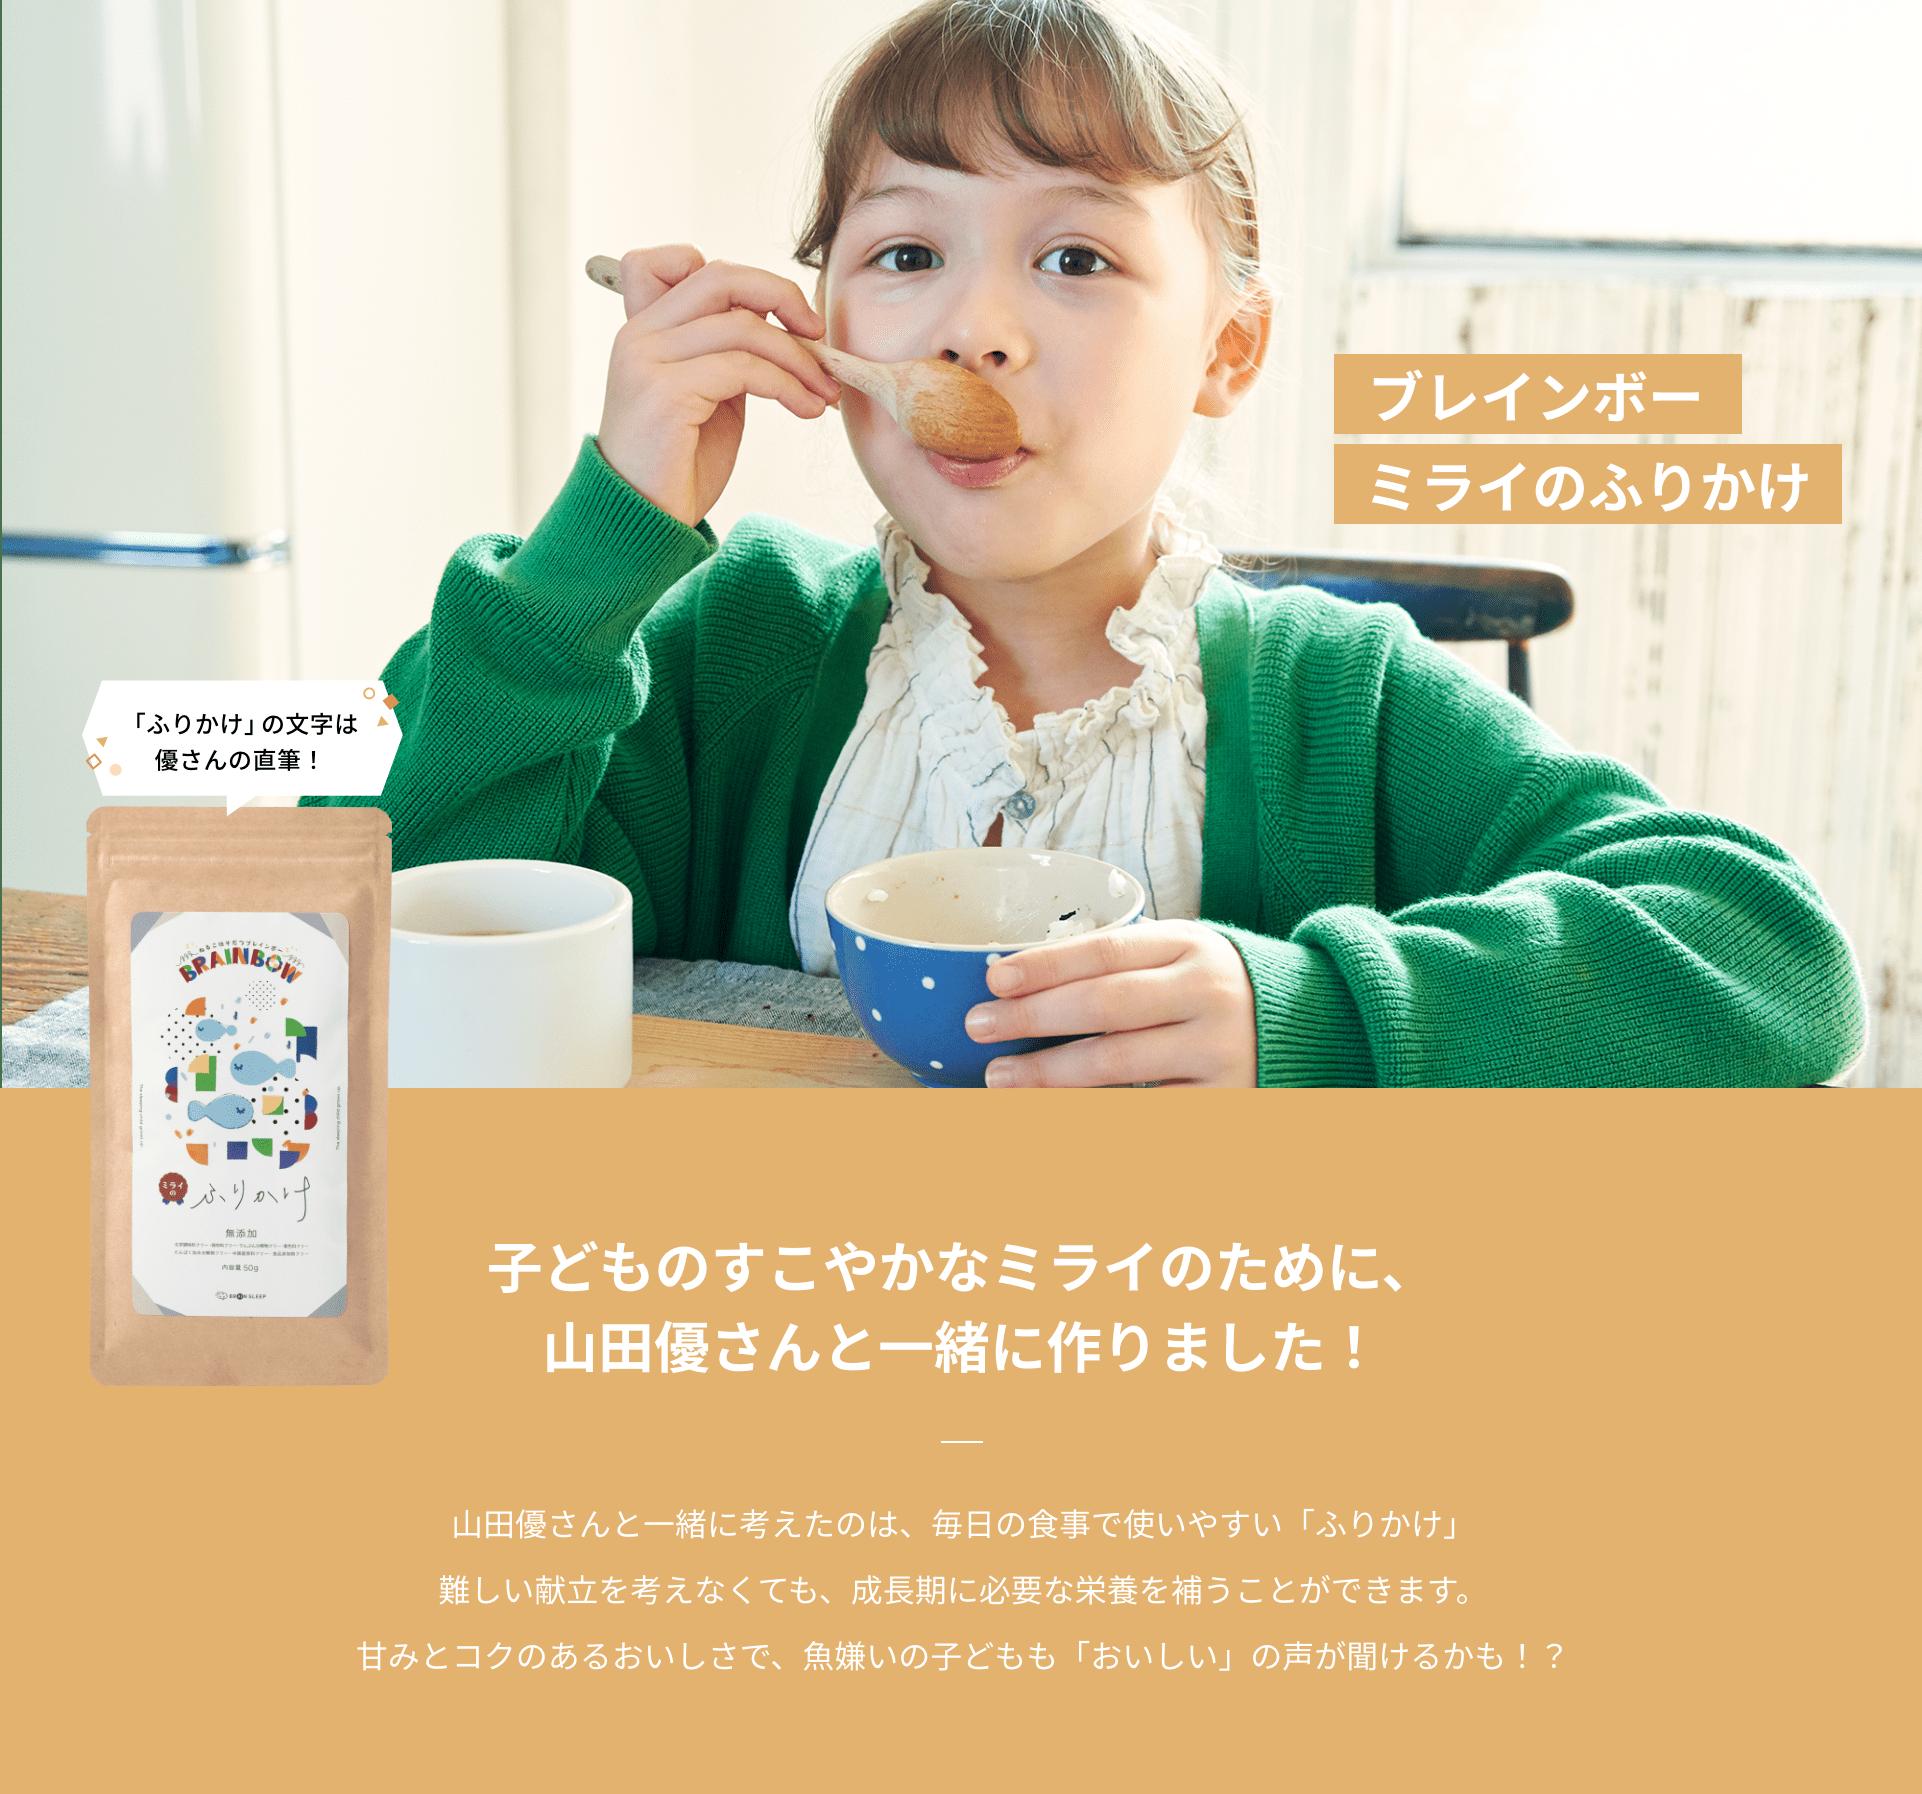 ブレインボー ミライのふりかけ 子どものすこやかなミライのために、山田優さんと一緒に作りました! 山田優さんと一緒に考えたのは、毎日の食事で使いやすい「ふりかけ」難しい献立を考えなくても、成長期に必要な栄養を補うことができます。甘みとコクのあるおいしさで、魚嫌いの子どもも「おいしい」の声が聞けるかも!?